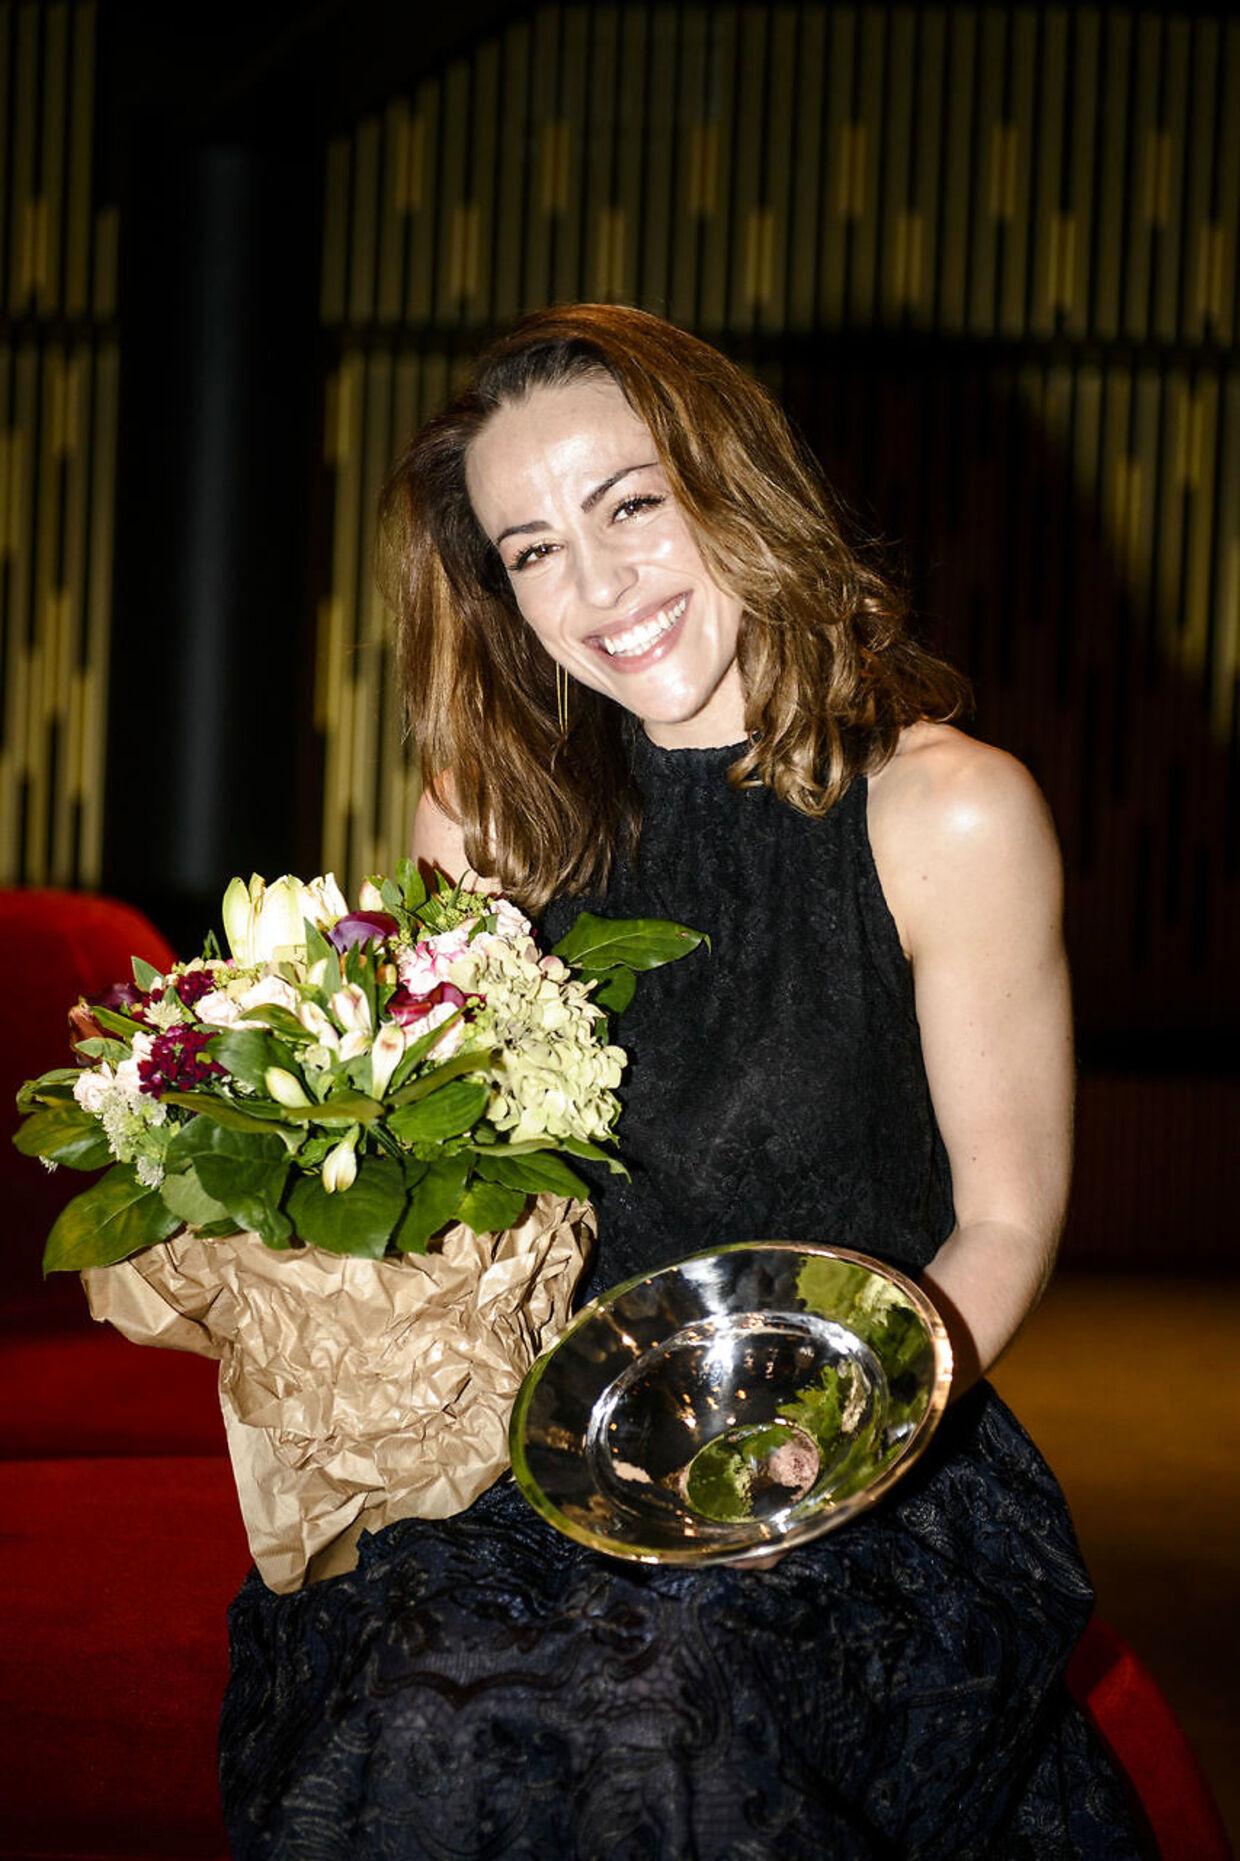 Skuespiller og sangerinde Maria Lucia Heiberg Rosenberg får overrakt Teaterpokalen som den første musicalskuespiller nogensinde torsdag d. 3. december 2015 på Folketeatret. (Foto: Simon Skipper/Scanpix 2015)